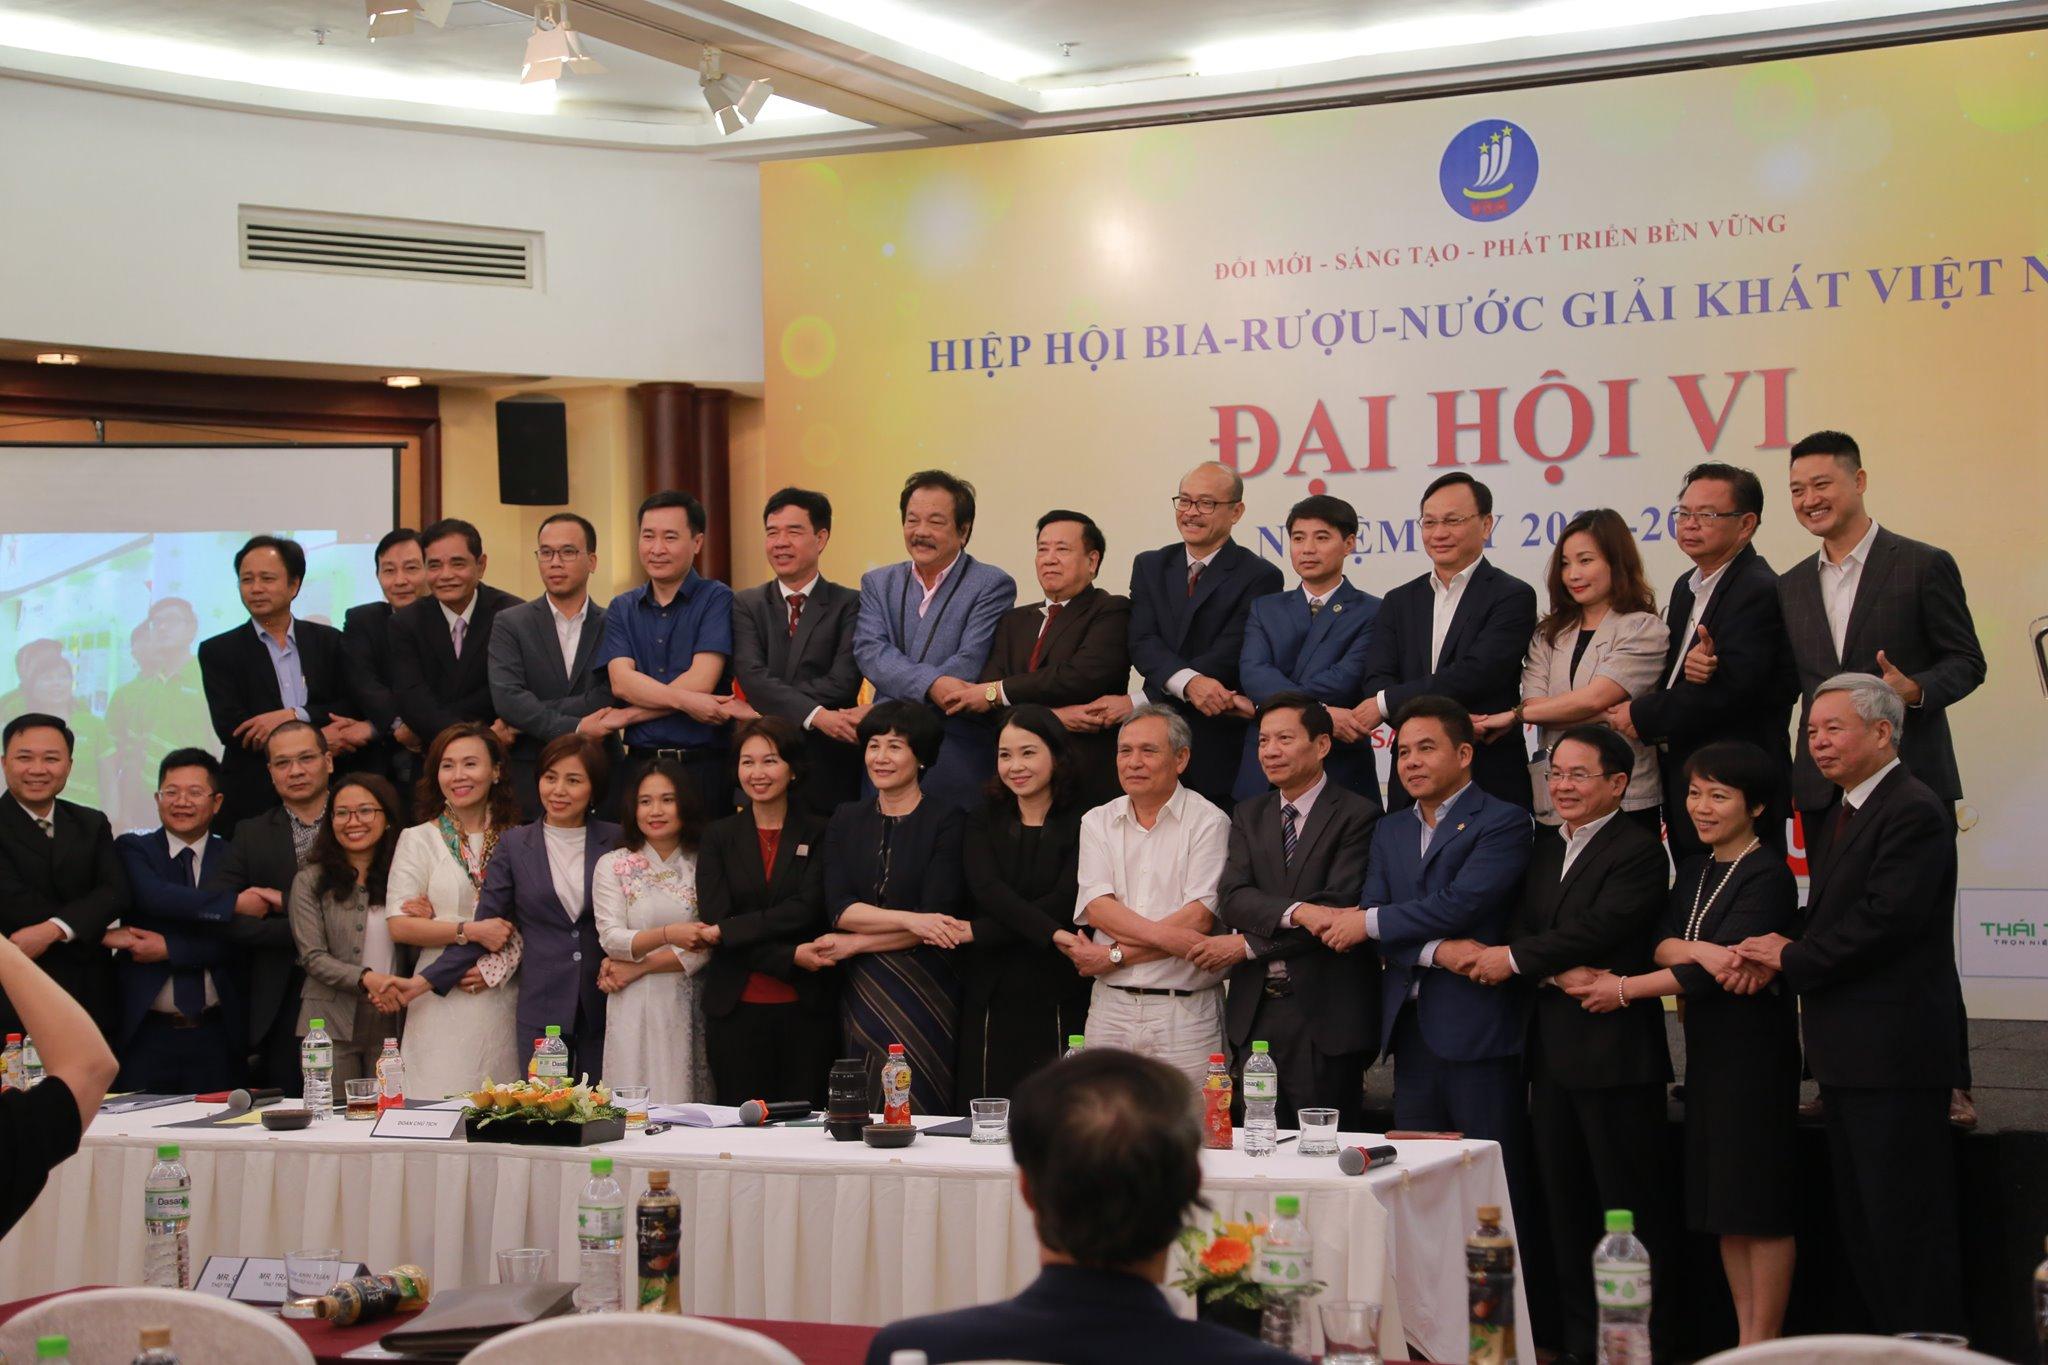 Thái Tân tham dự Đại hội nhiệm kỳ của Hiệp hội bia rượu nước giải khát Việt Nam